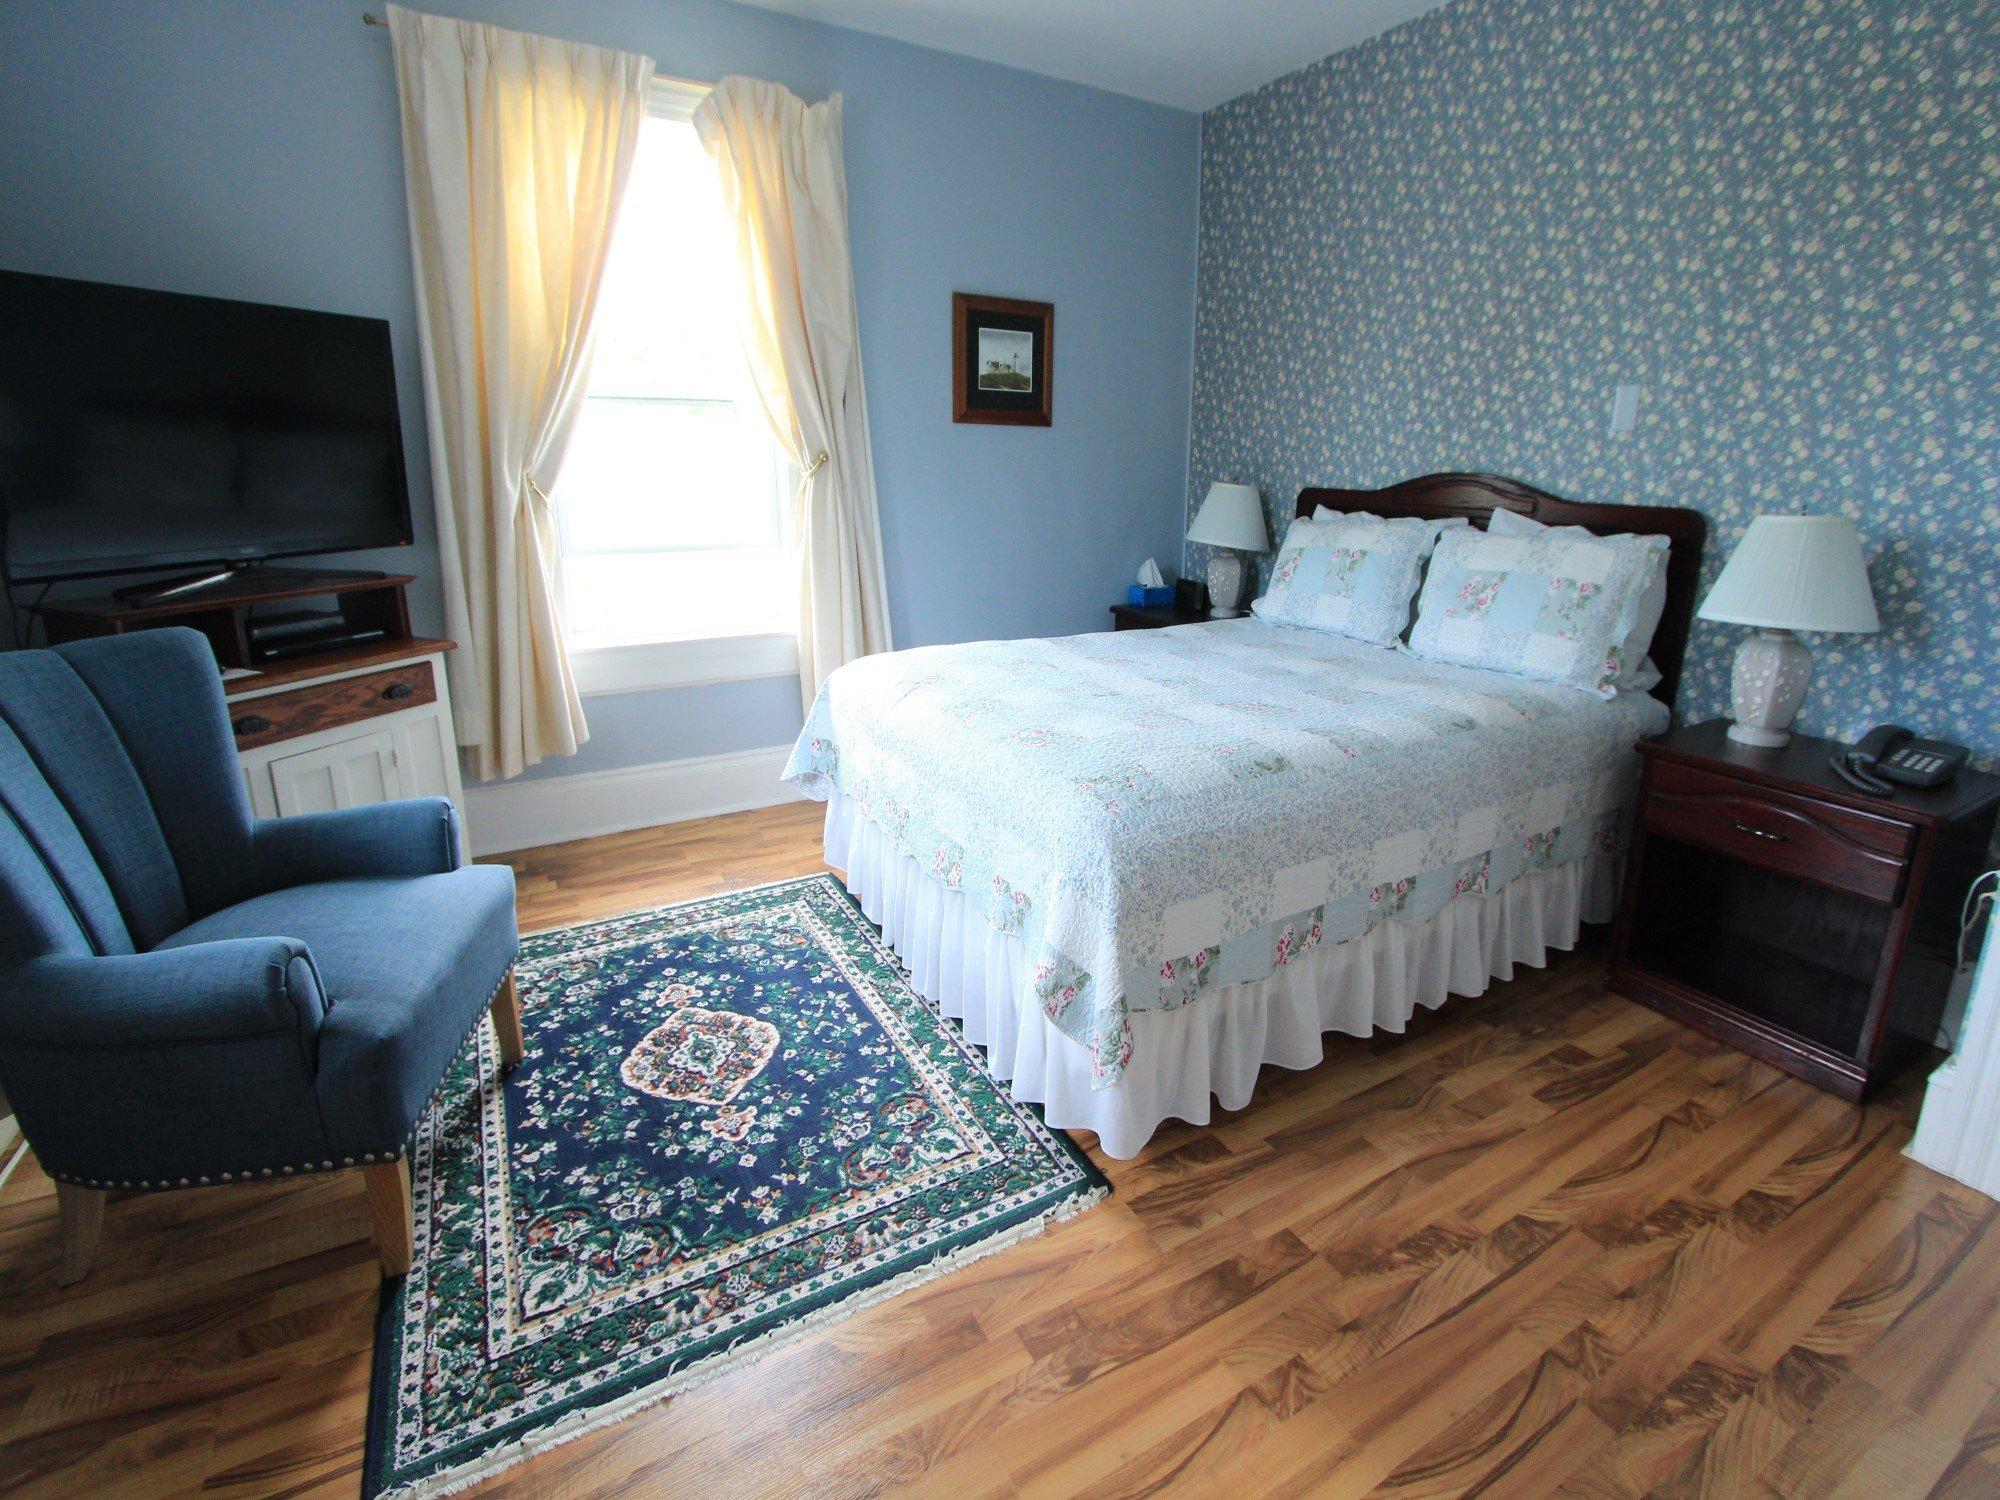 Suite 5 Room A Queen bed